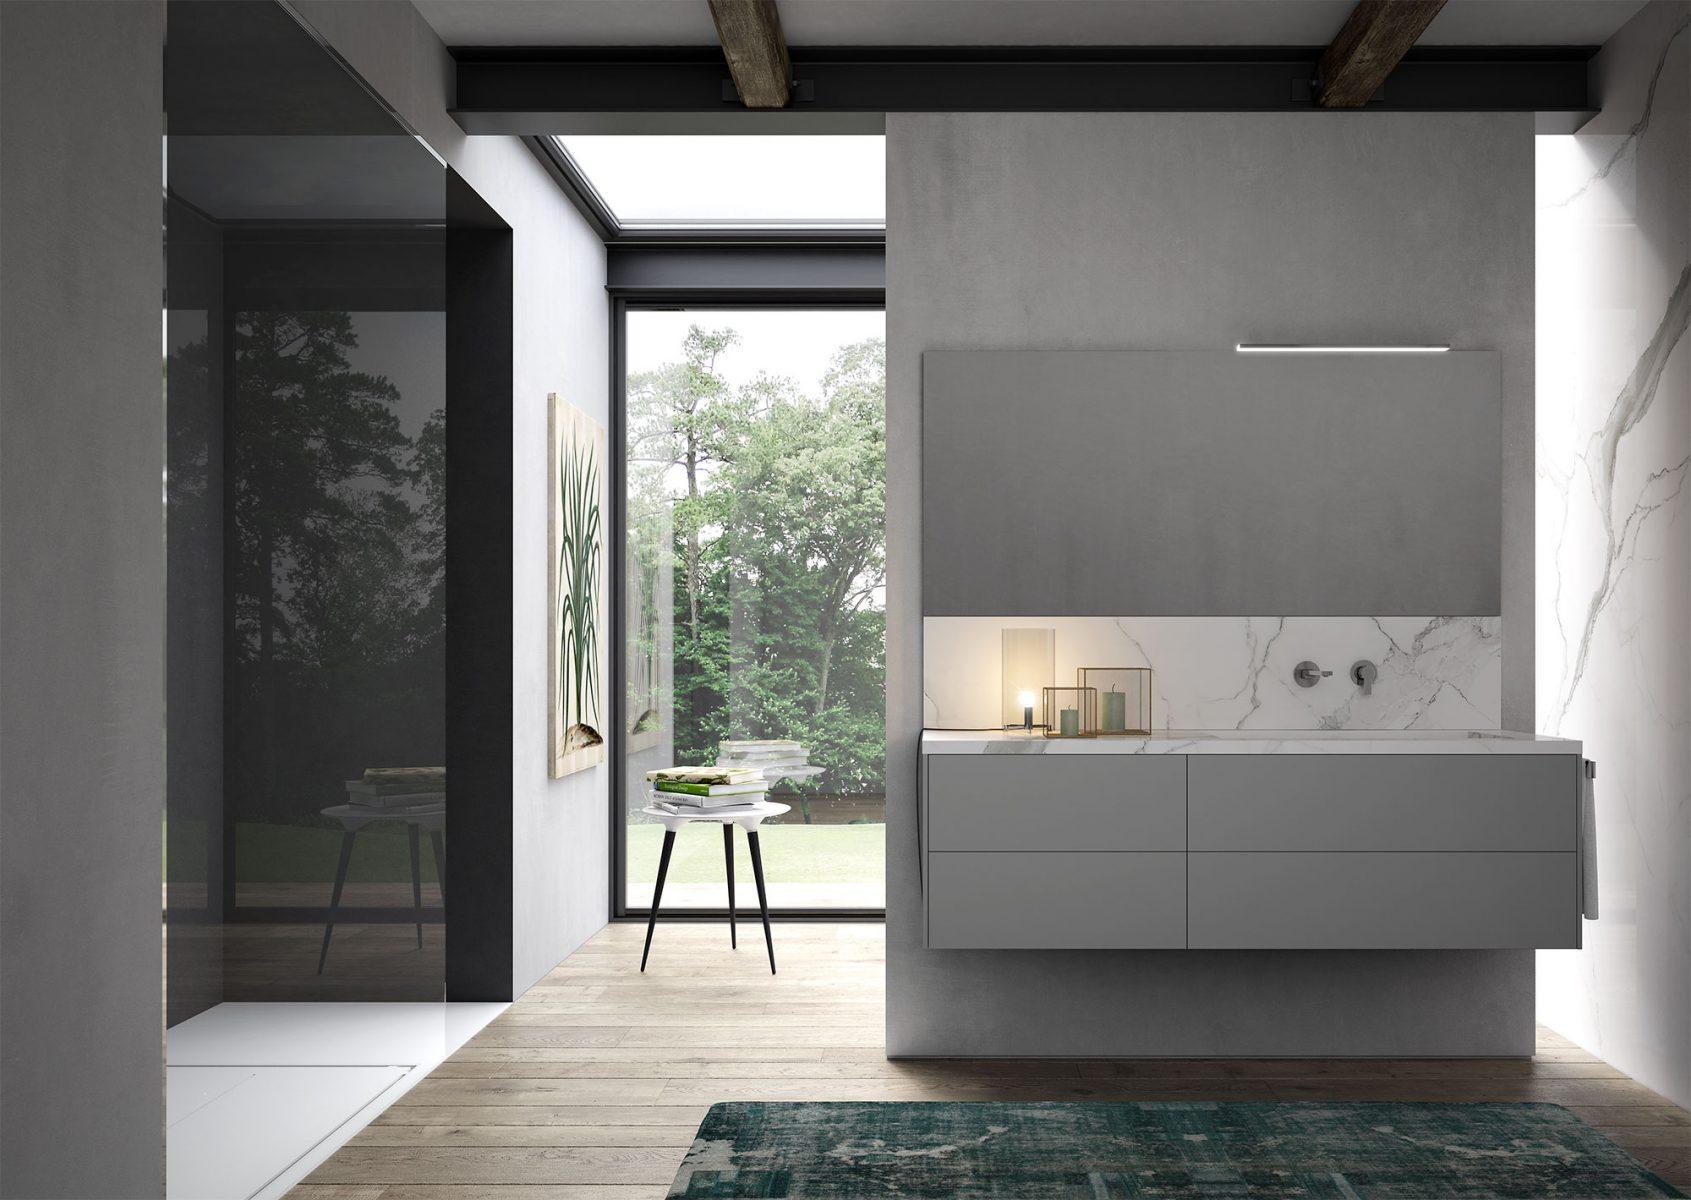 Mobili bagno sense arredo bagno di design ideagroup for Arredo bagnio